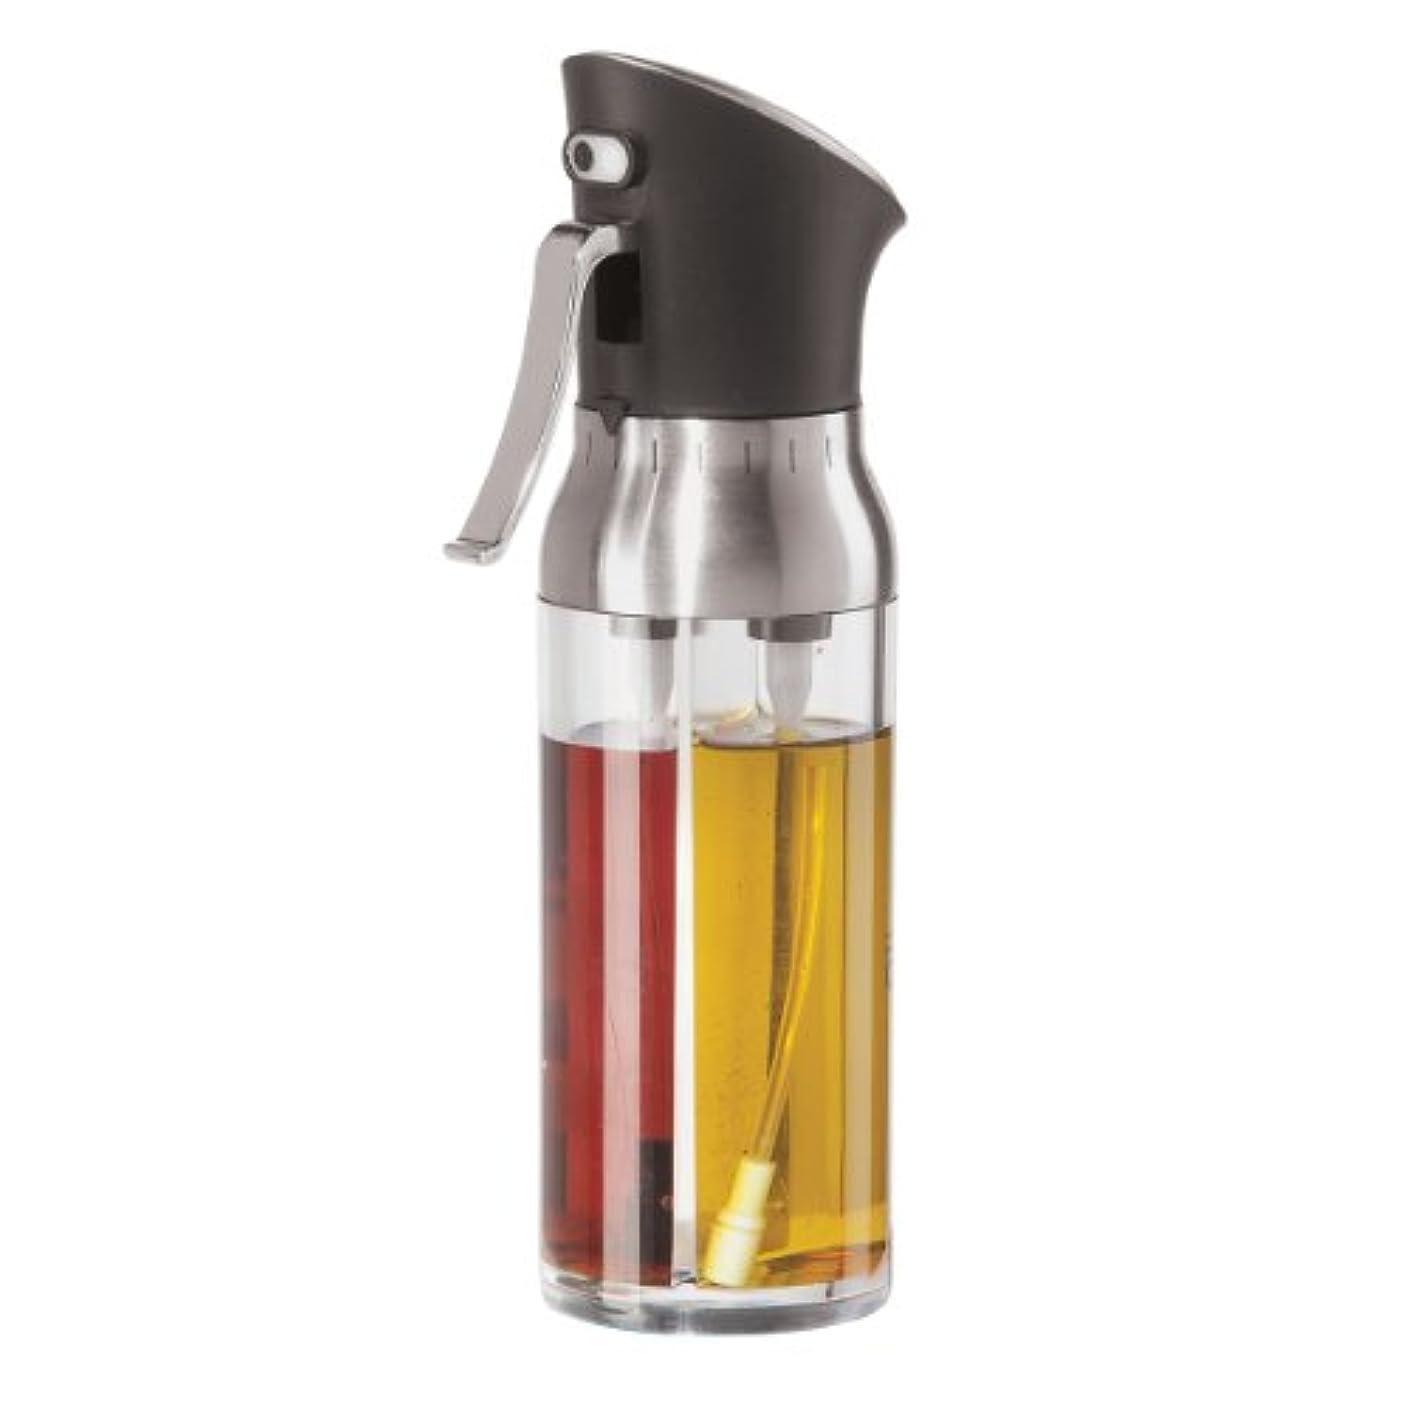 火炎代表団マトリックスOggi 6004 Mix and Mist Combination Oil and Vinegar Spray Bottle